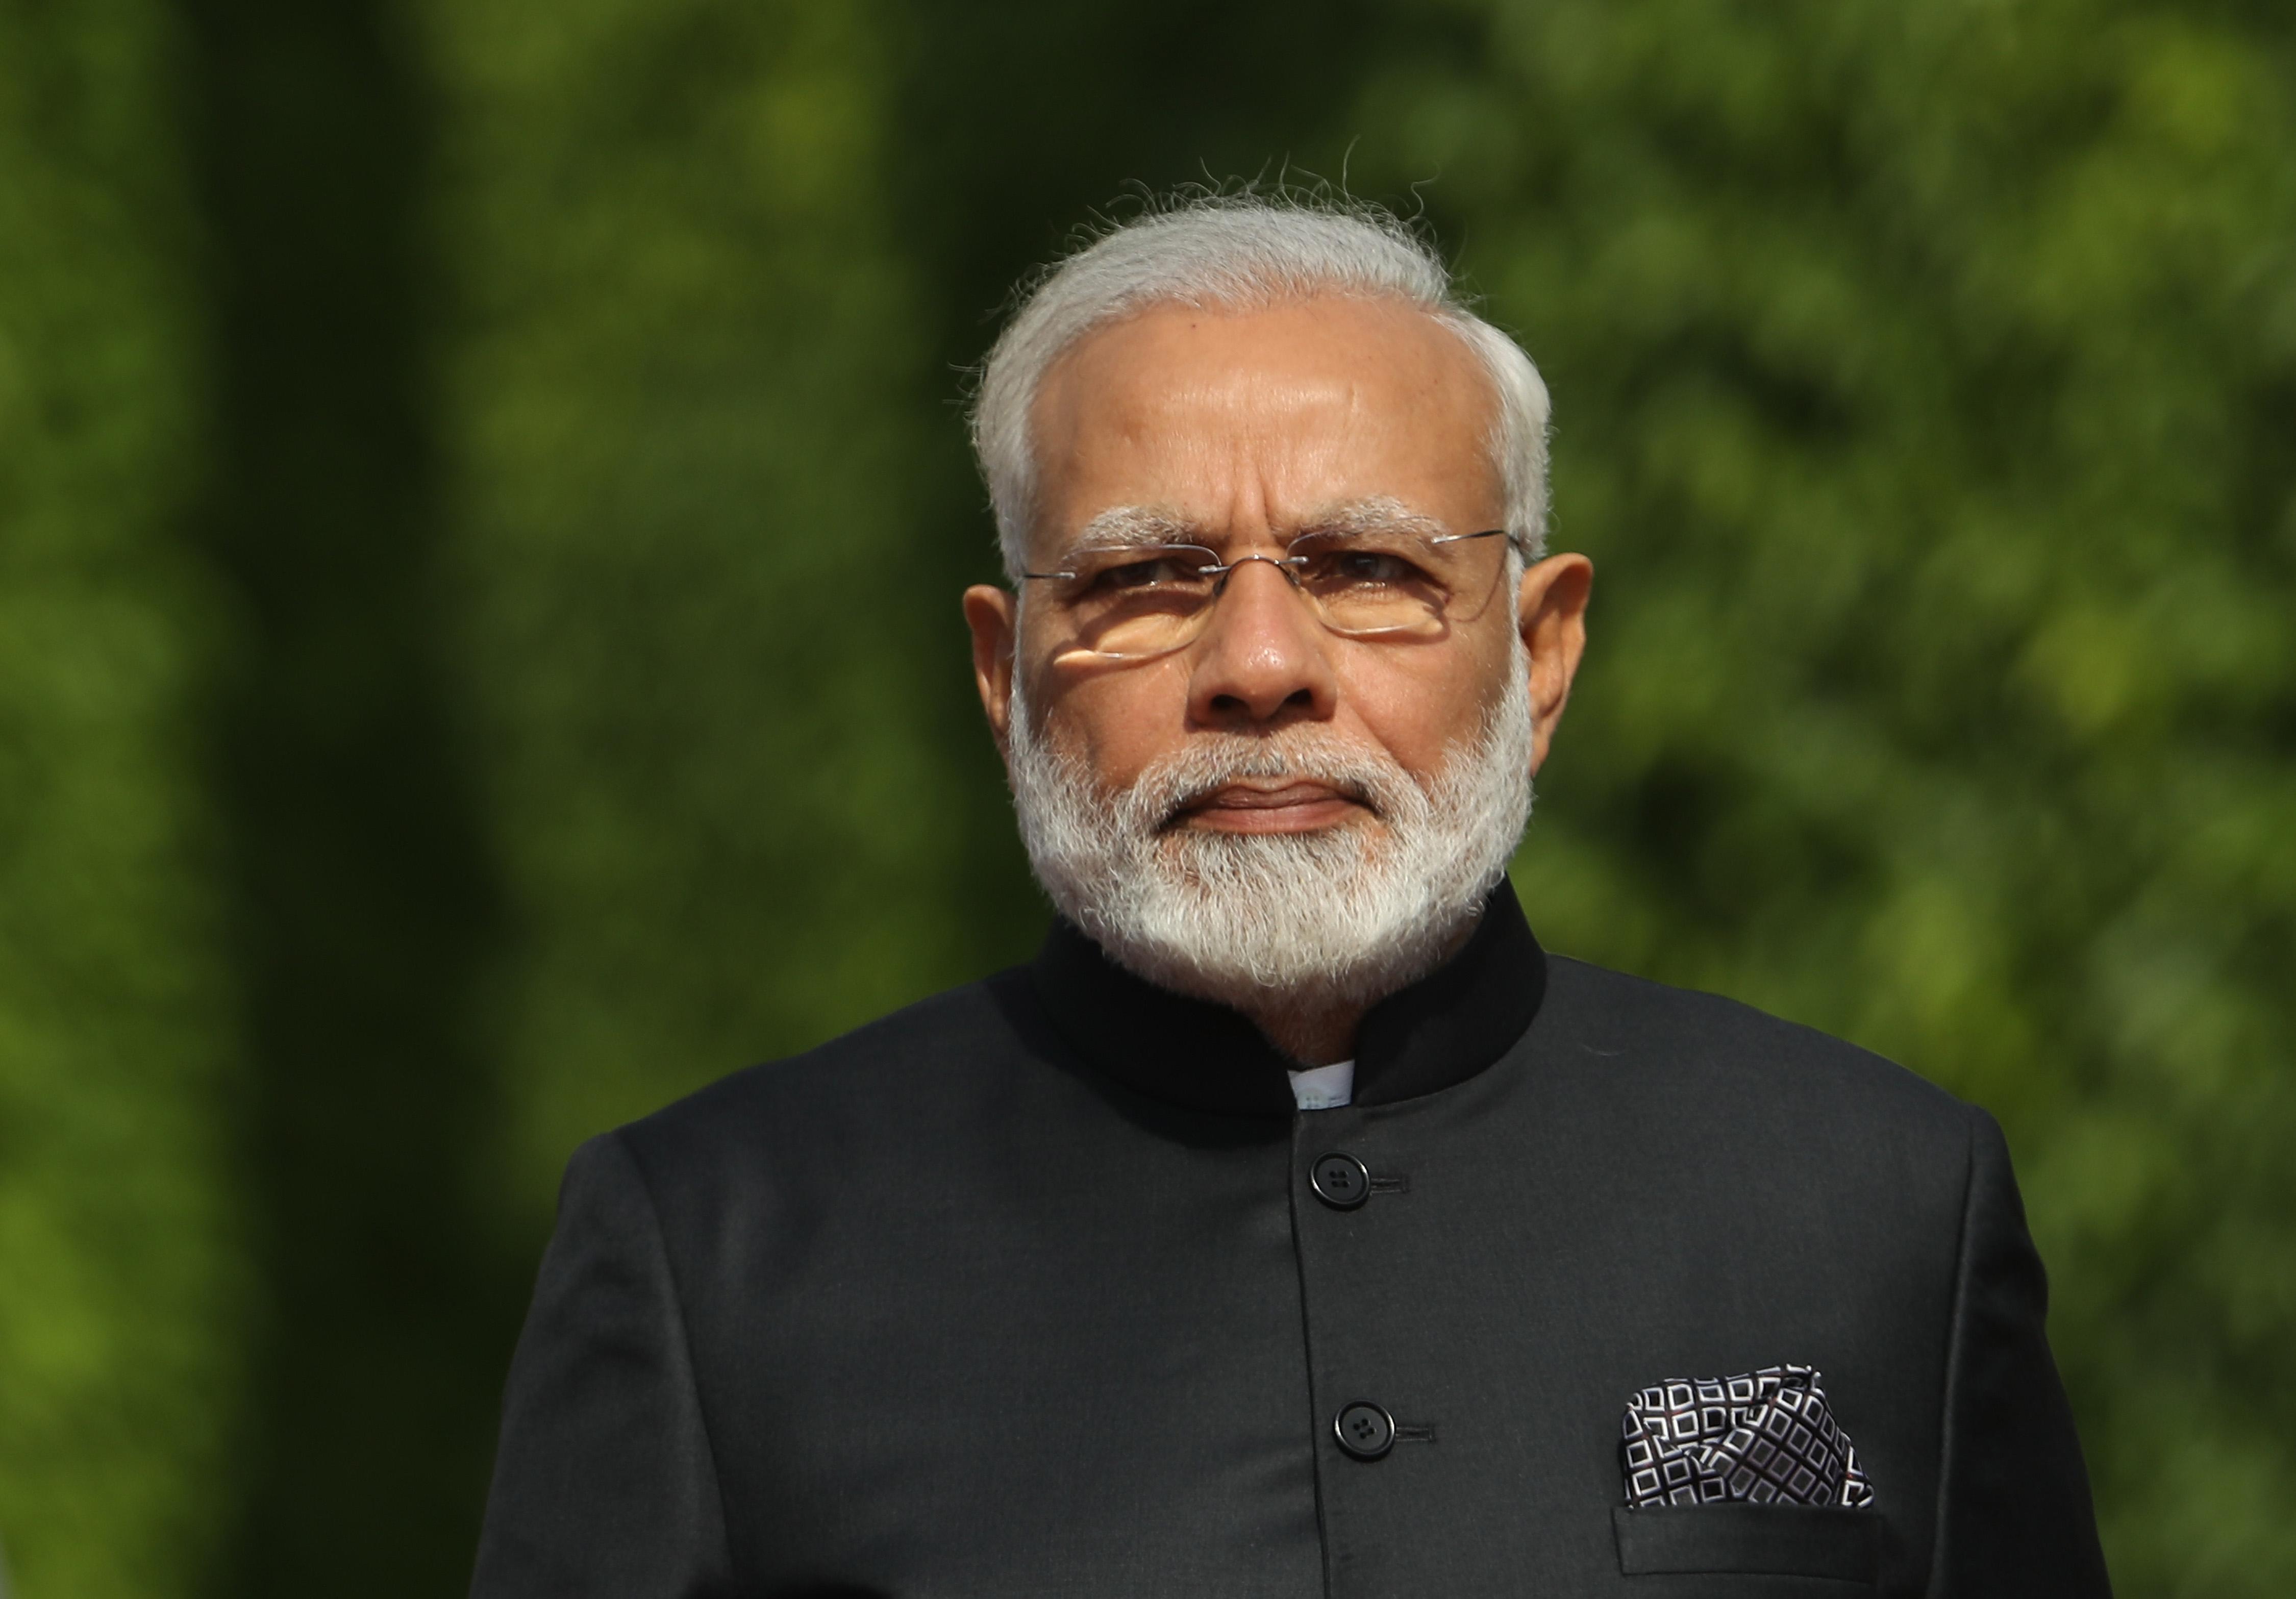 Indian Prime Minister Narendra Modi on May 30, 2017 in Berlin.